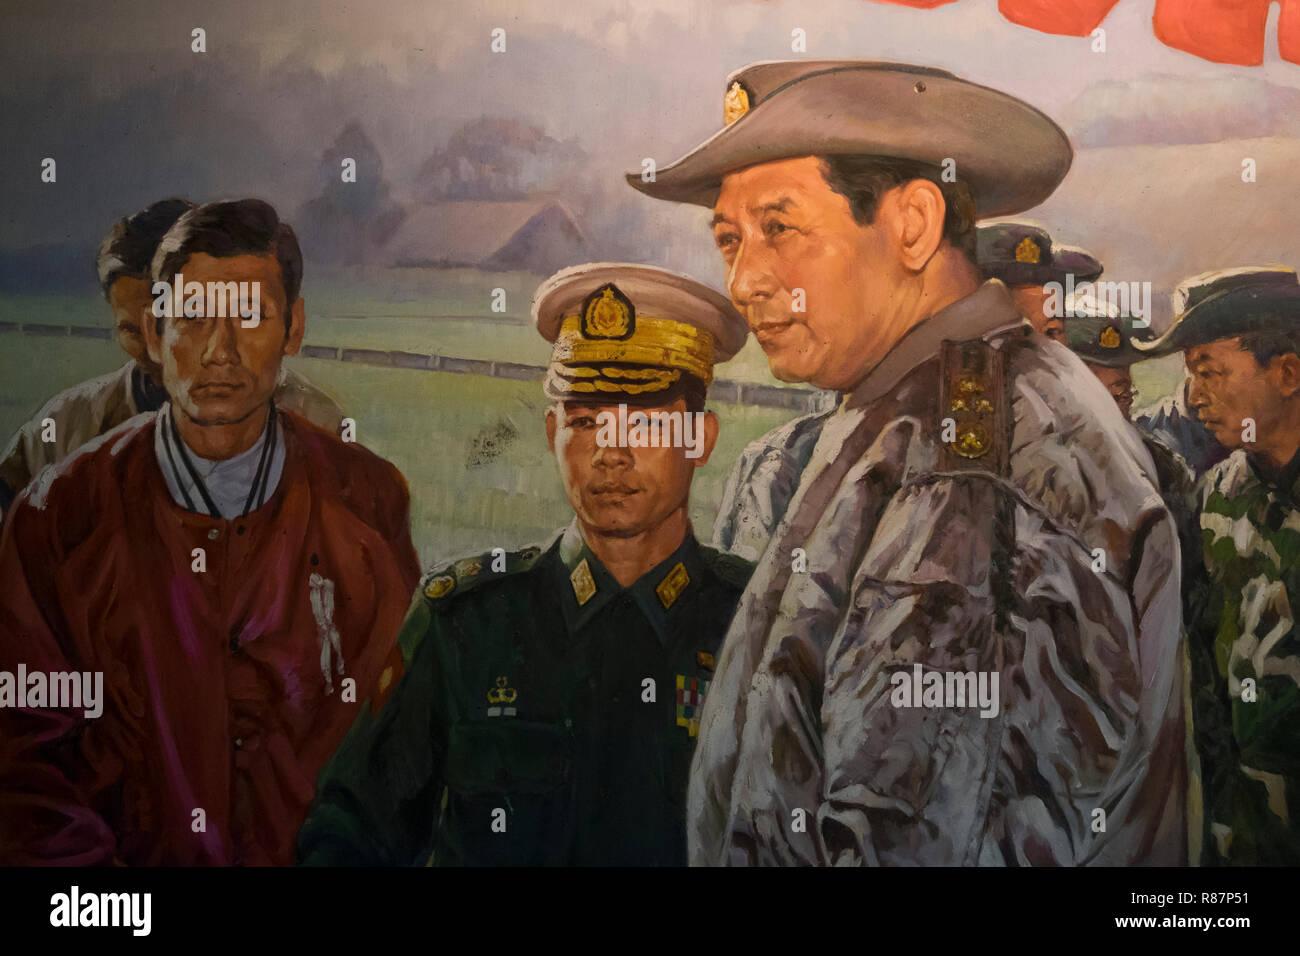 Peinture militaire au Musée de l'élimination des drogues dans la région de Yangon, Myanmar. Banque D'Images